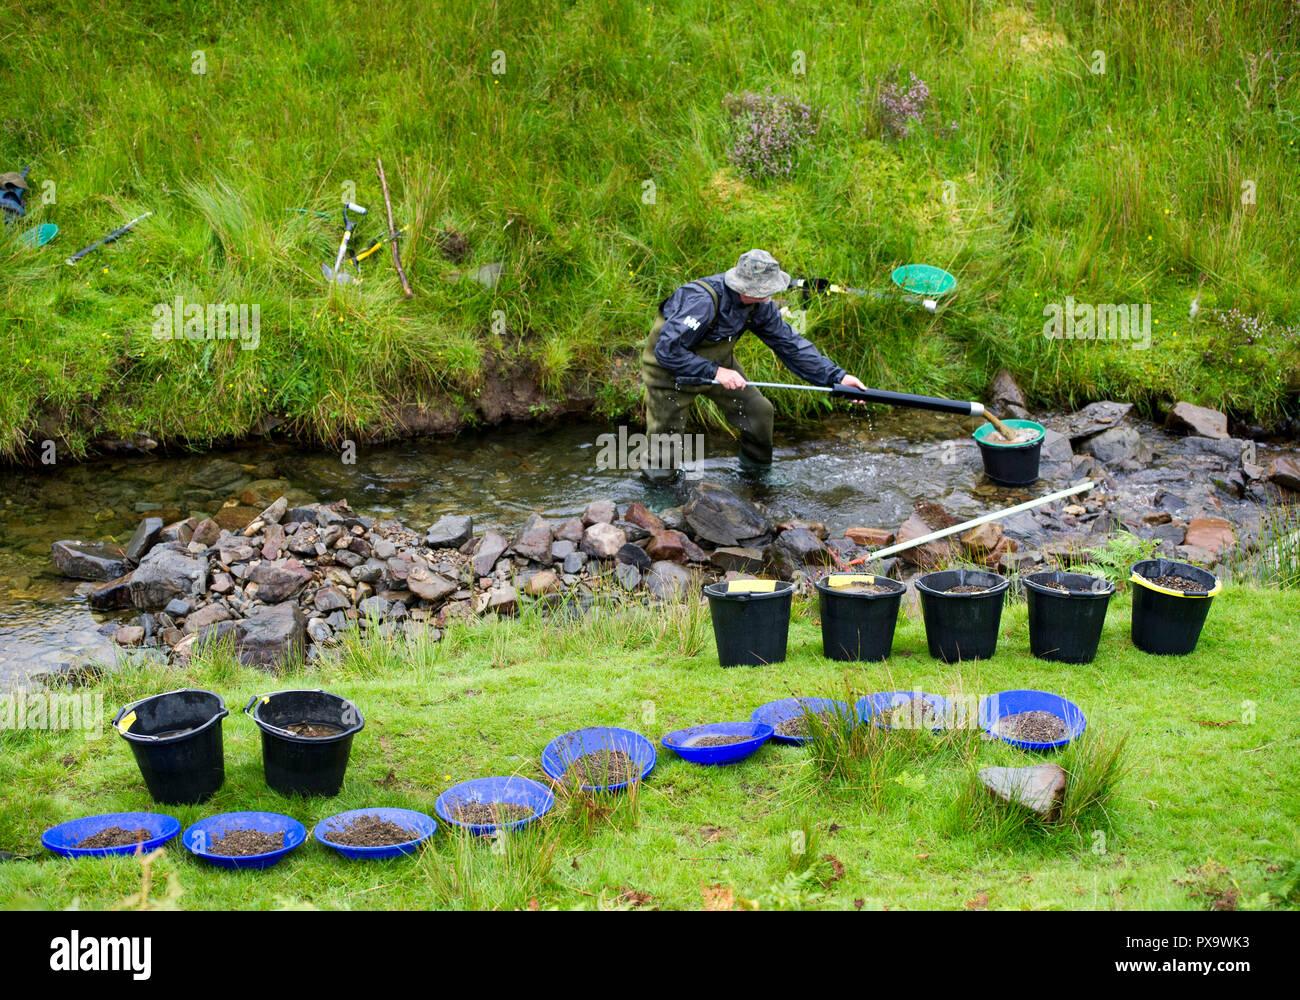 Los lavaderos de oro curso para visitantes y turistas en el agua cerca de Mennock Wanlockhead, Escocia. Imagen De Stock